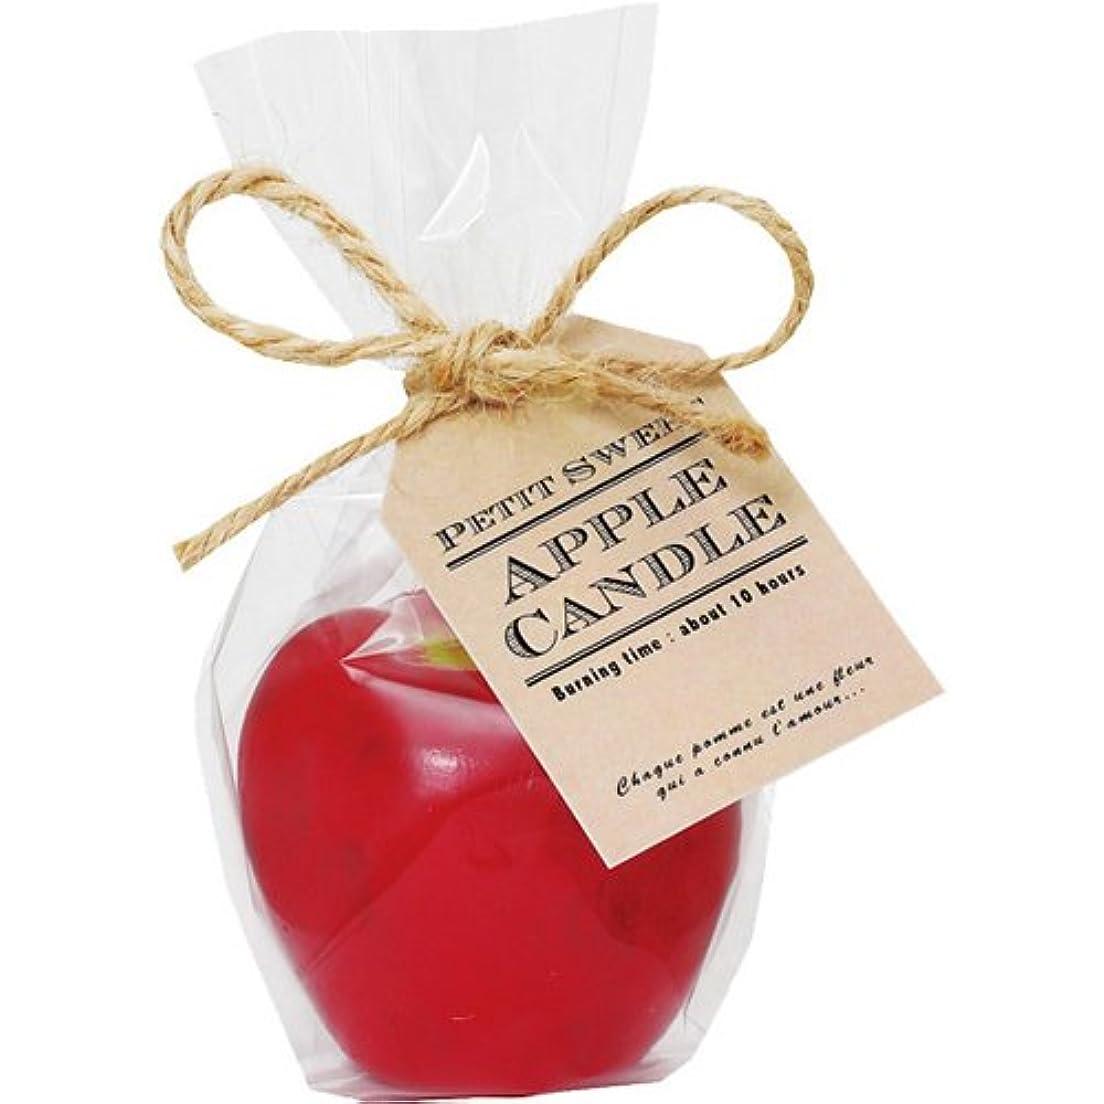 コンテストパーク森カメヤマキャンドルハウス プチスイートアップルフローティングキャンドル レッド アップルの香りつき